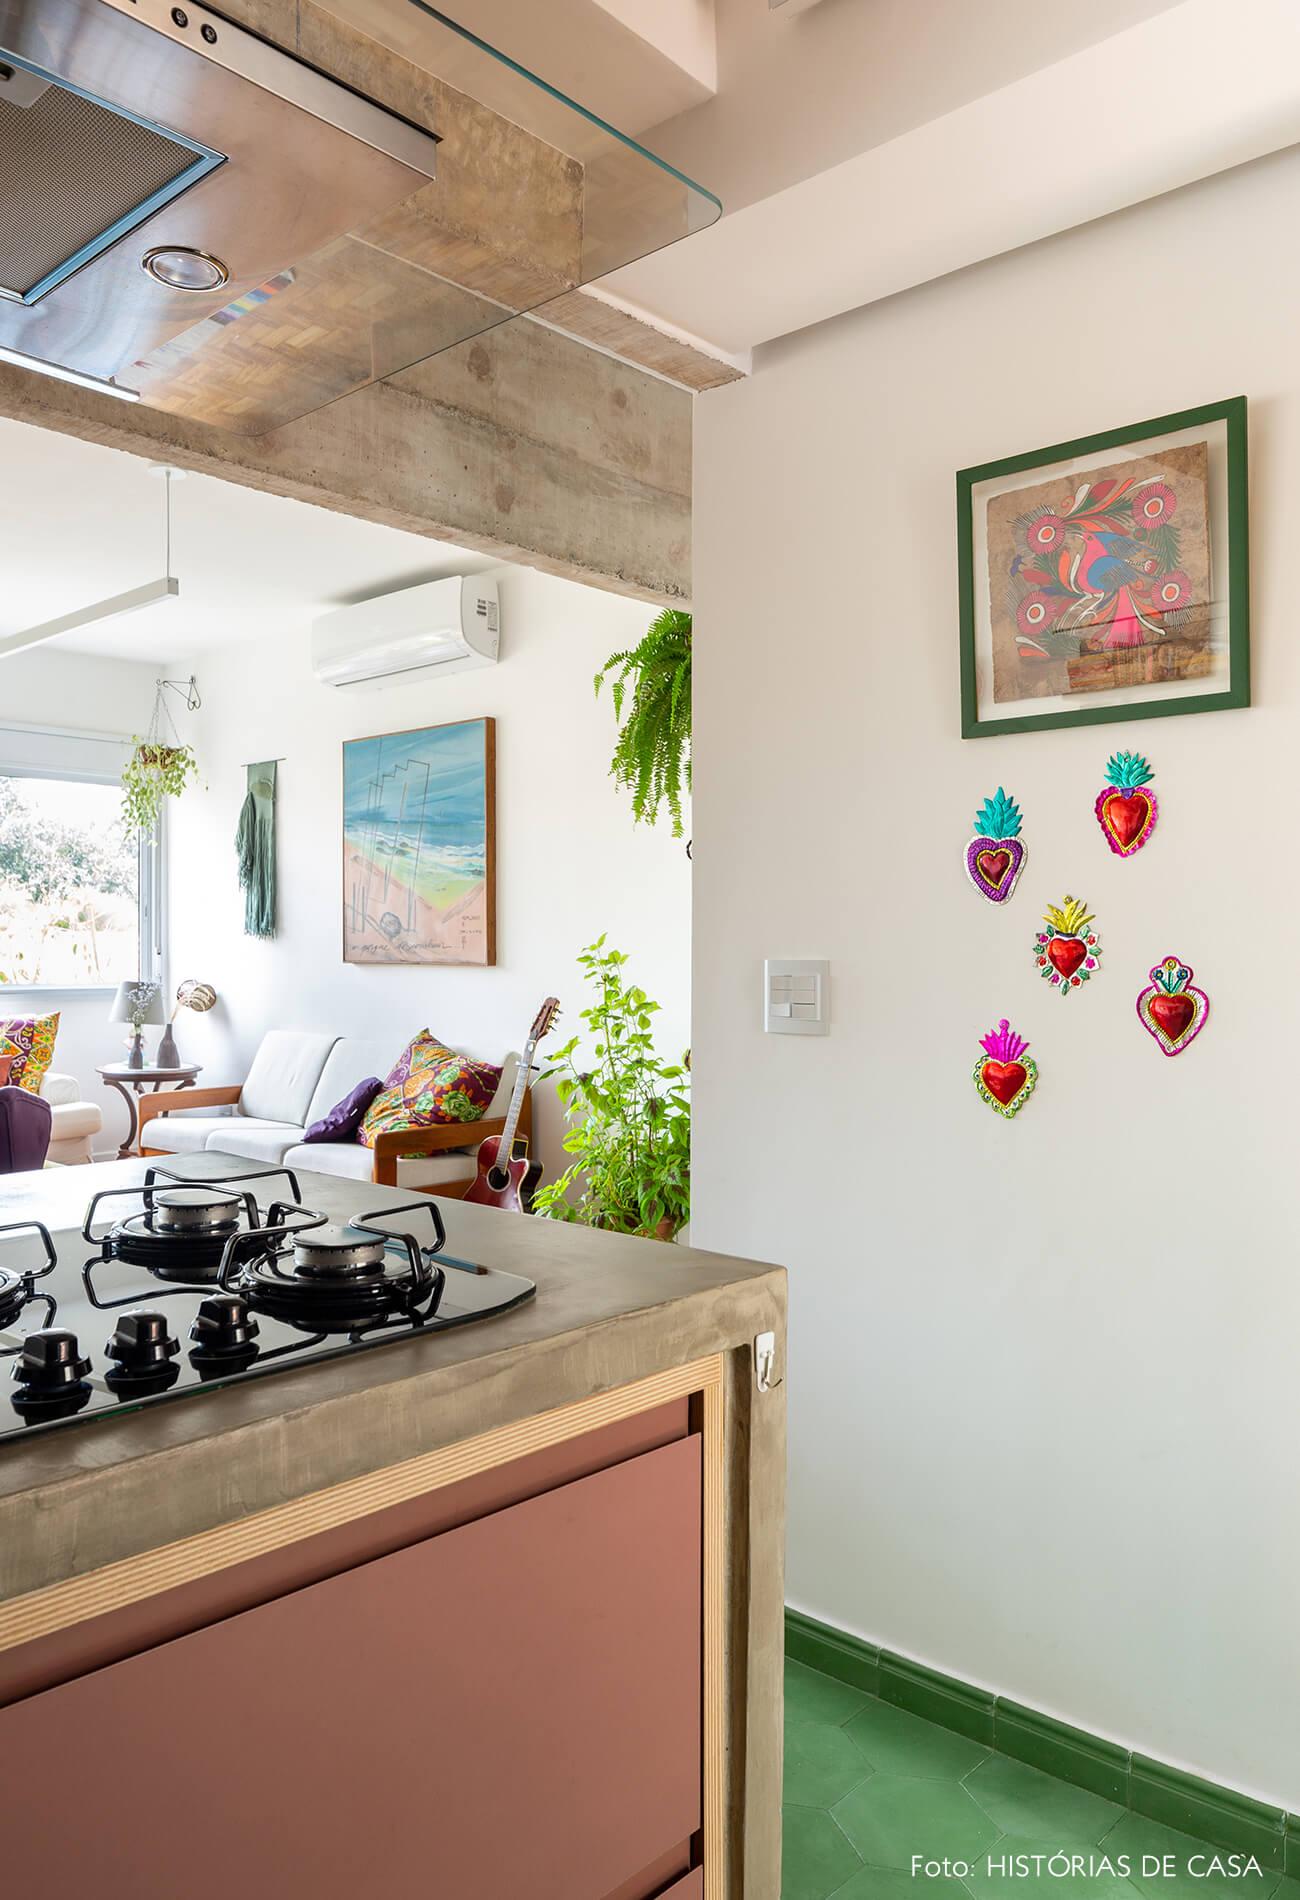 decoração cozinha com corações decorativos na parede